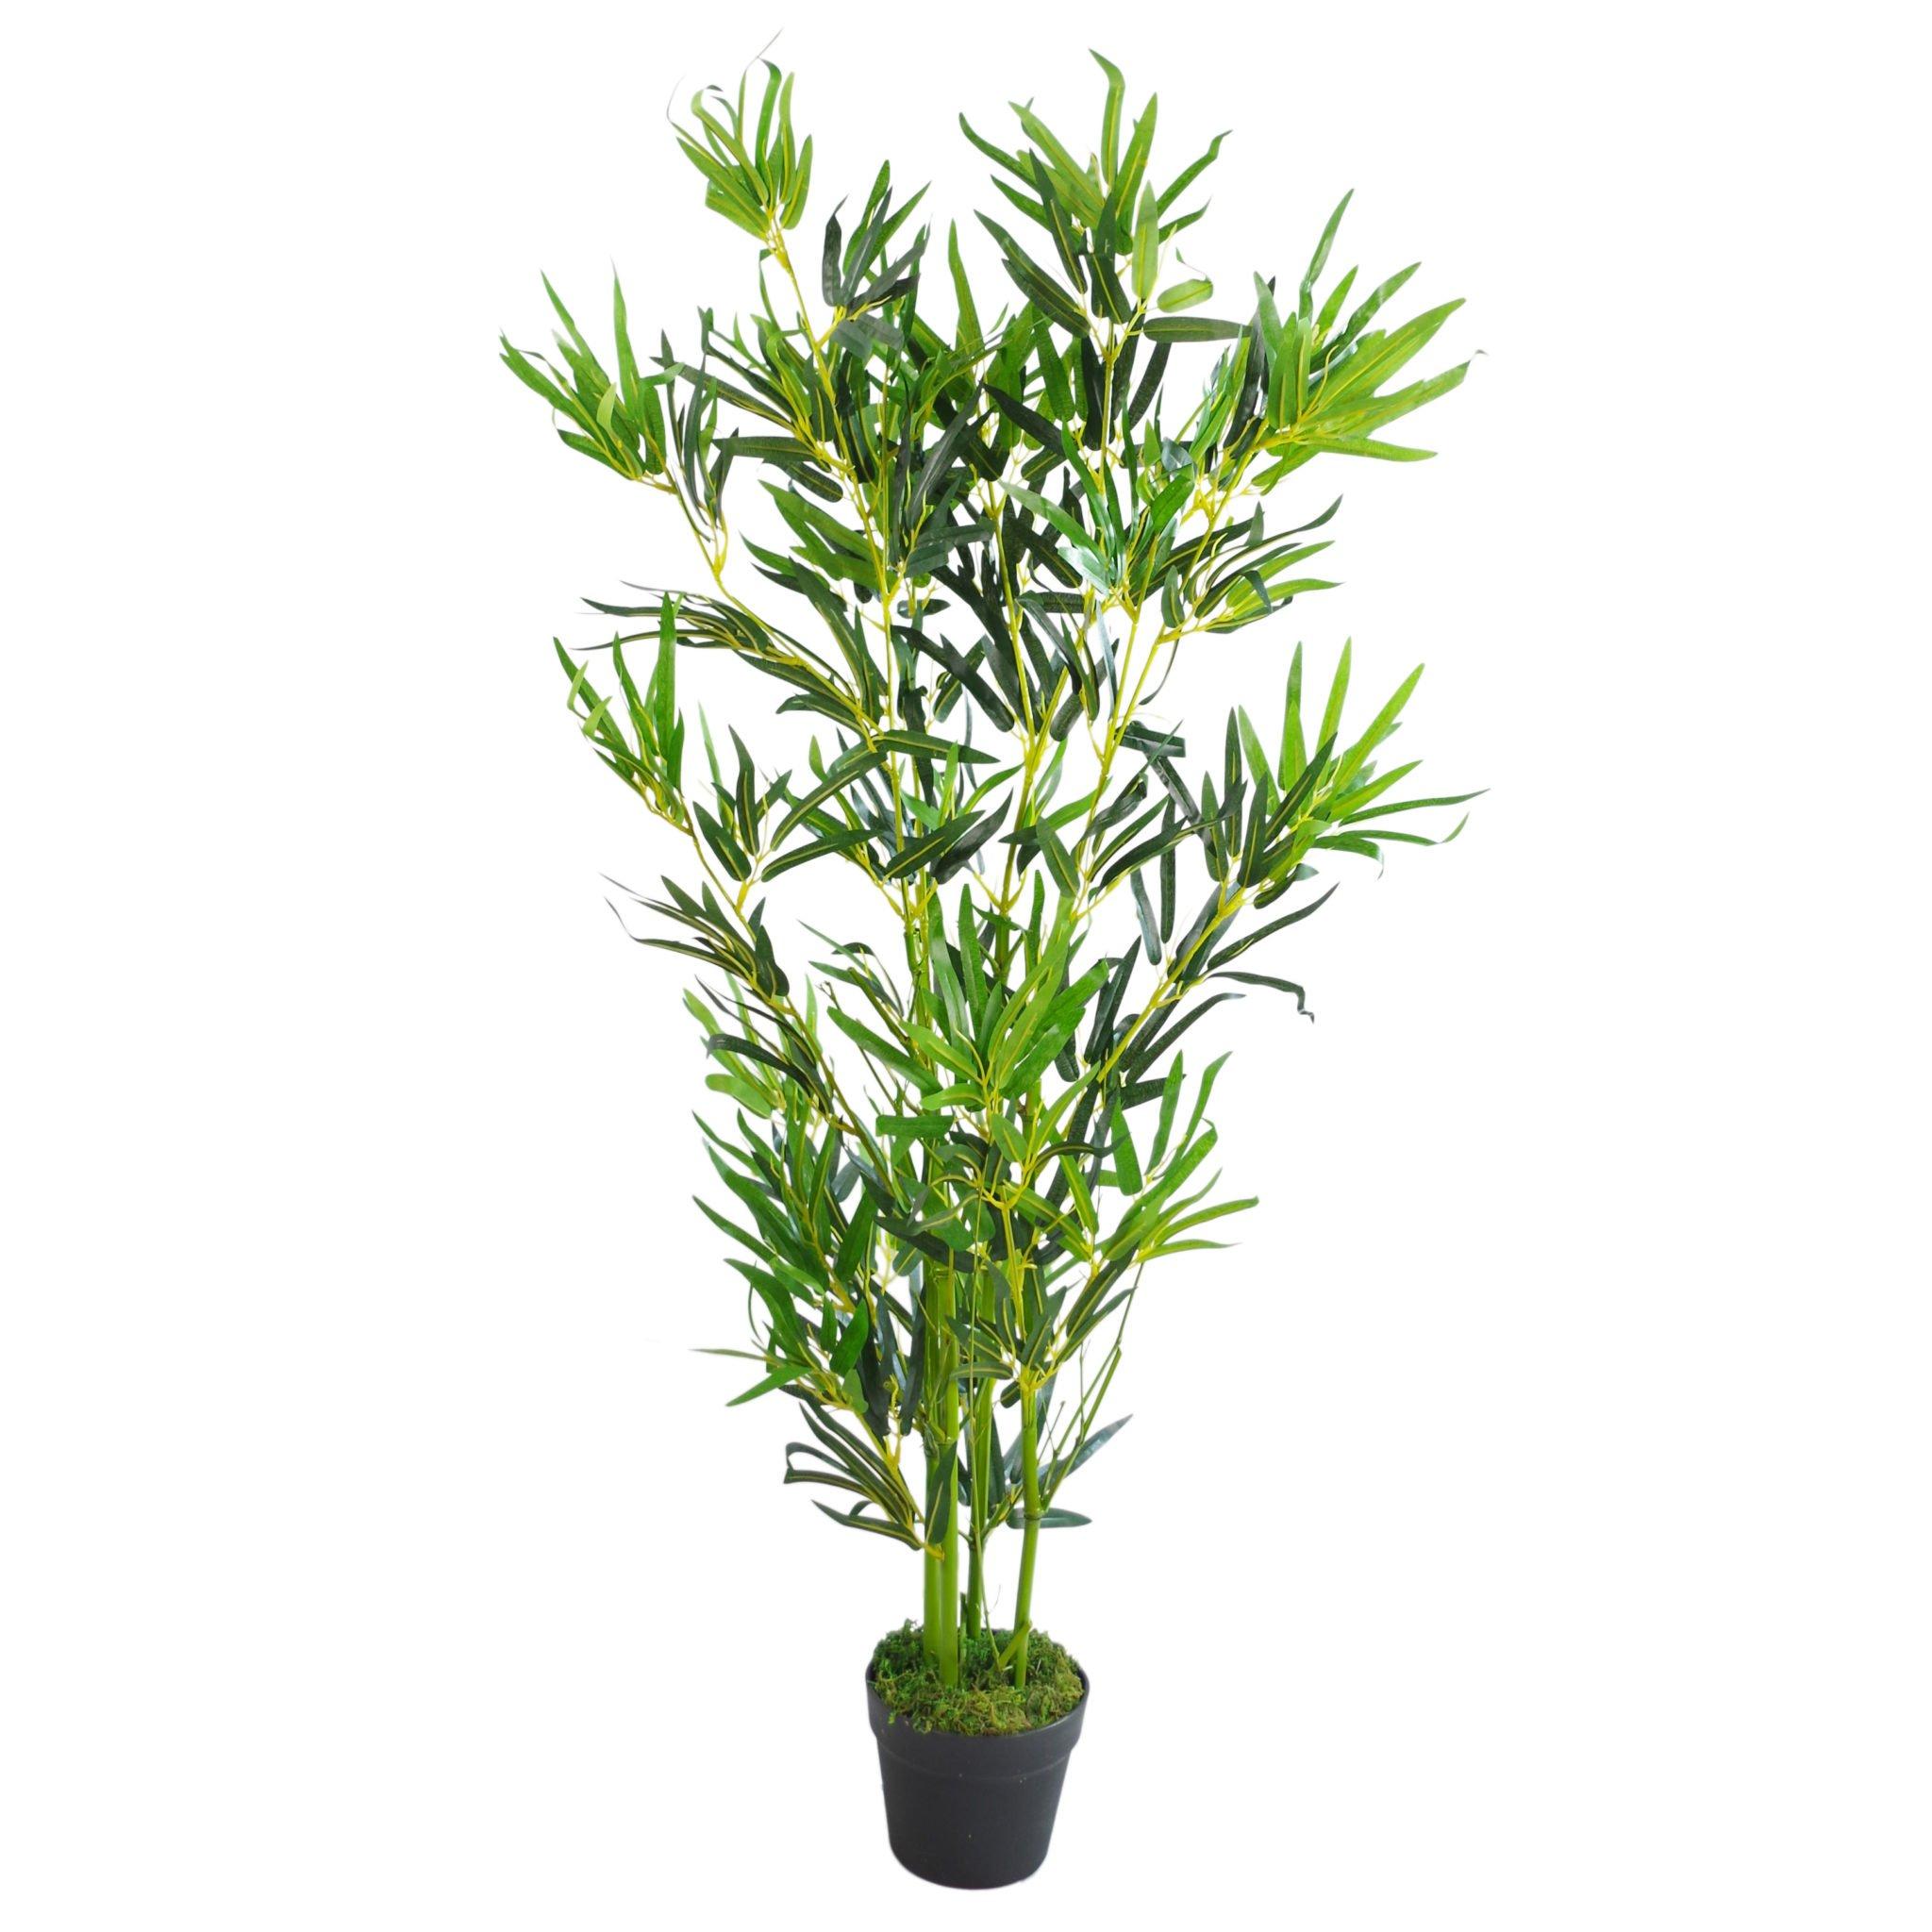 Leaf Design UK – Árboles de bambú Artificiales, tamaño XL, Realista, 120 cm, Color Verde Natural